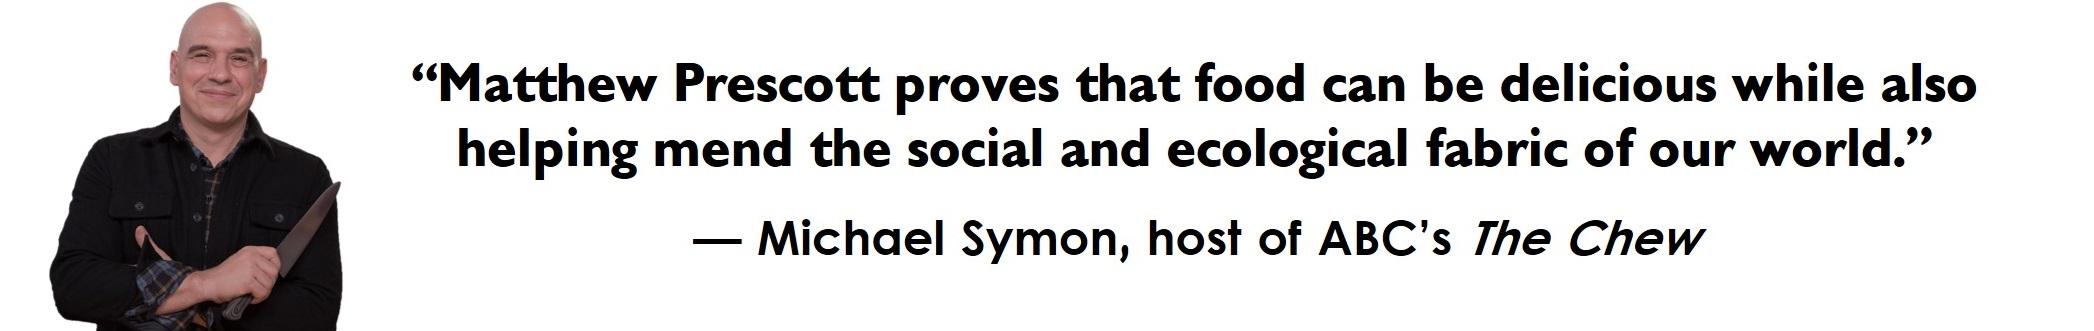 symon media.jpg